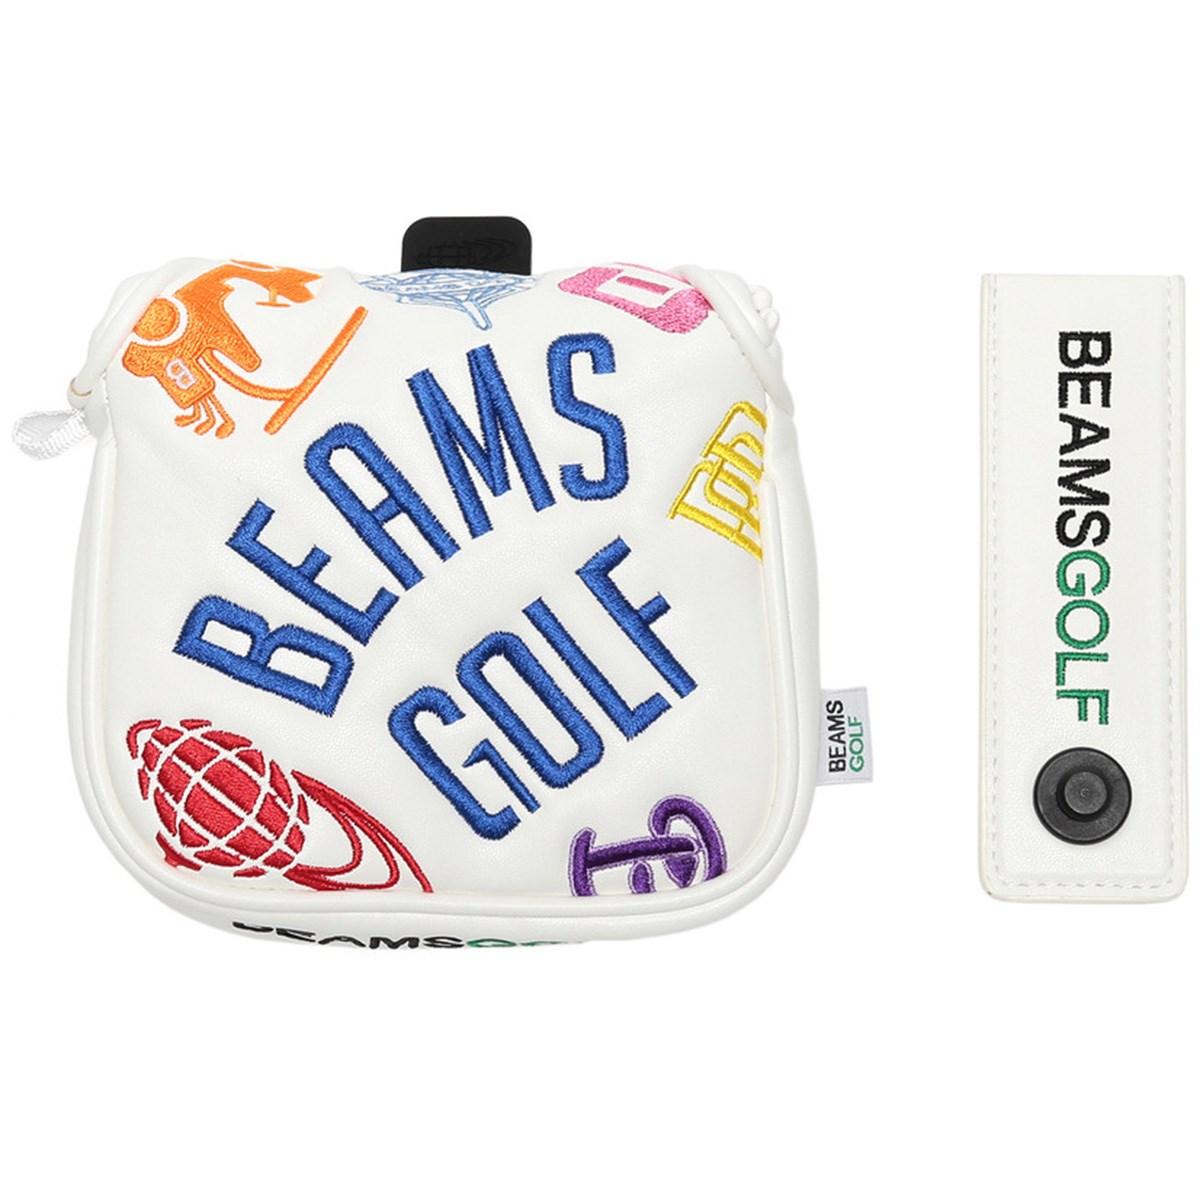 [2019年モデル] ビームスゴルフ BEAMS GOLF BEAMS GOLF various ロゴ パターカバー ホワイト 01 メンズ